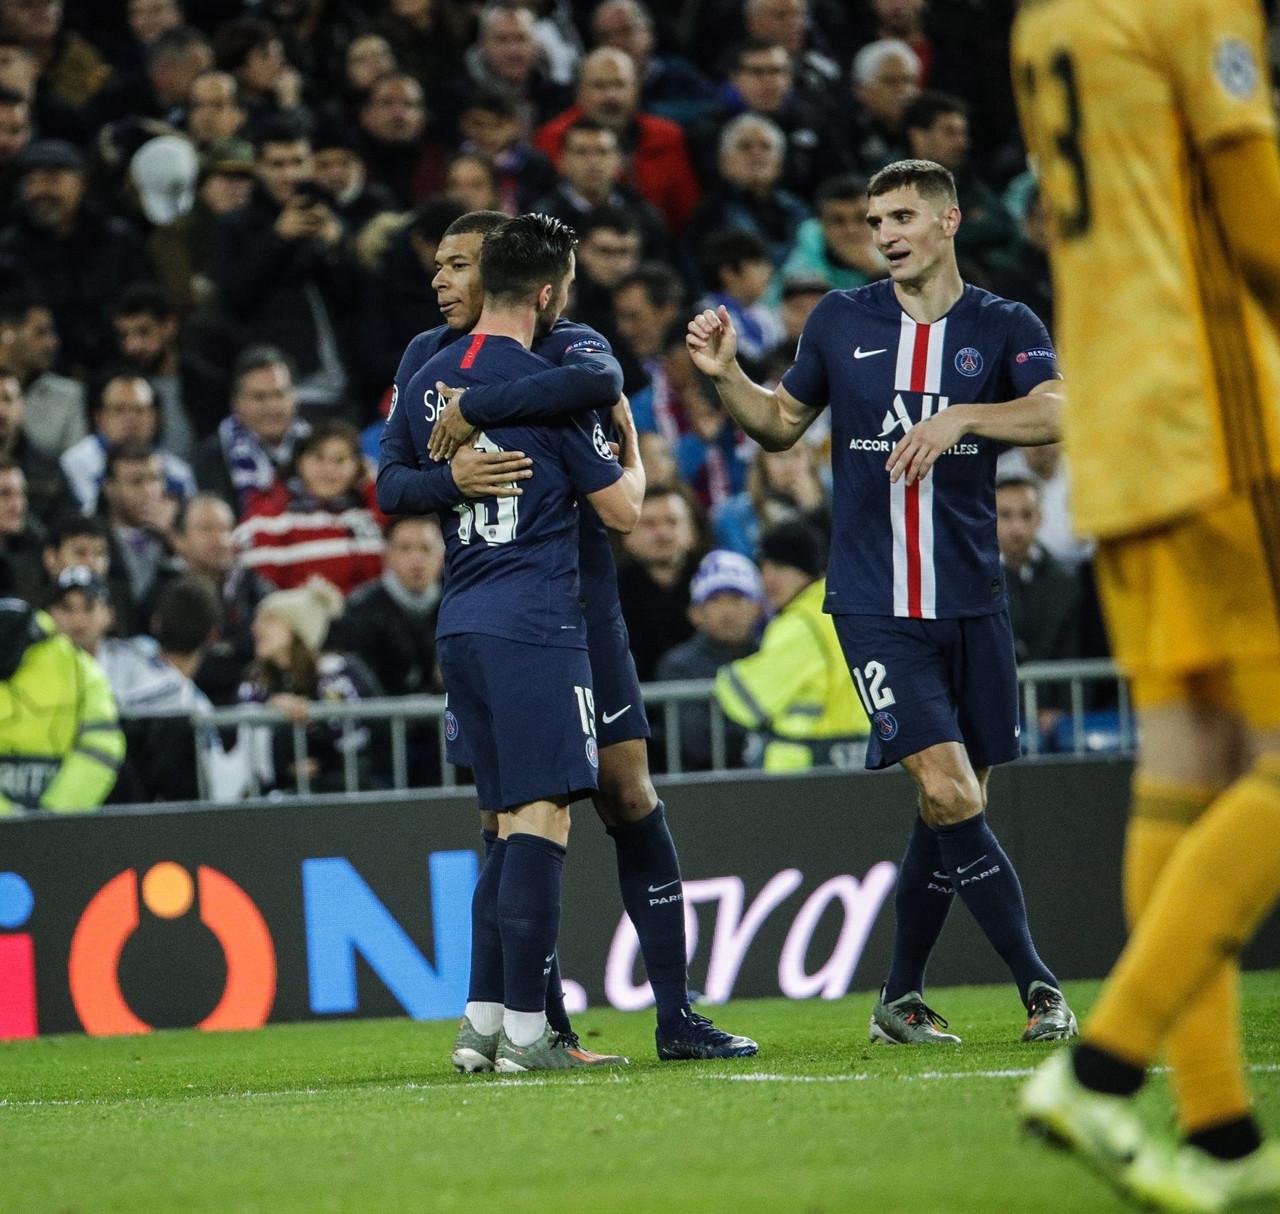 Bale stampa sul palo i tre punti del Real: il PSG in rimonta fa 2-2 al Bernabeu